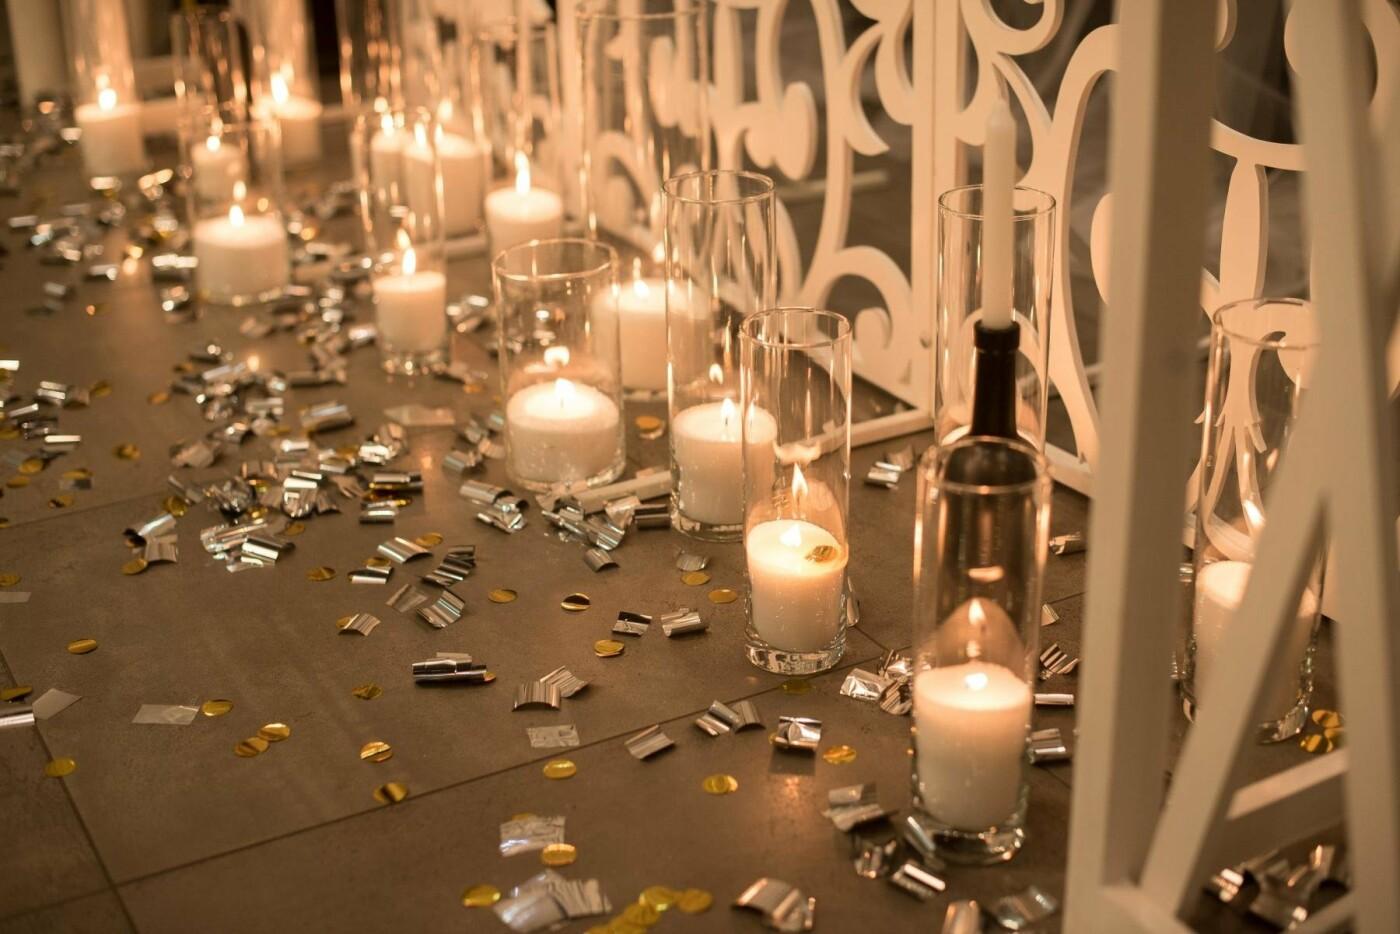 """Свадебный салон """"Белая орхидея"""" провел розыгрыш золотого украшения, фото-5"""